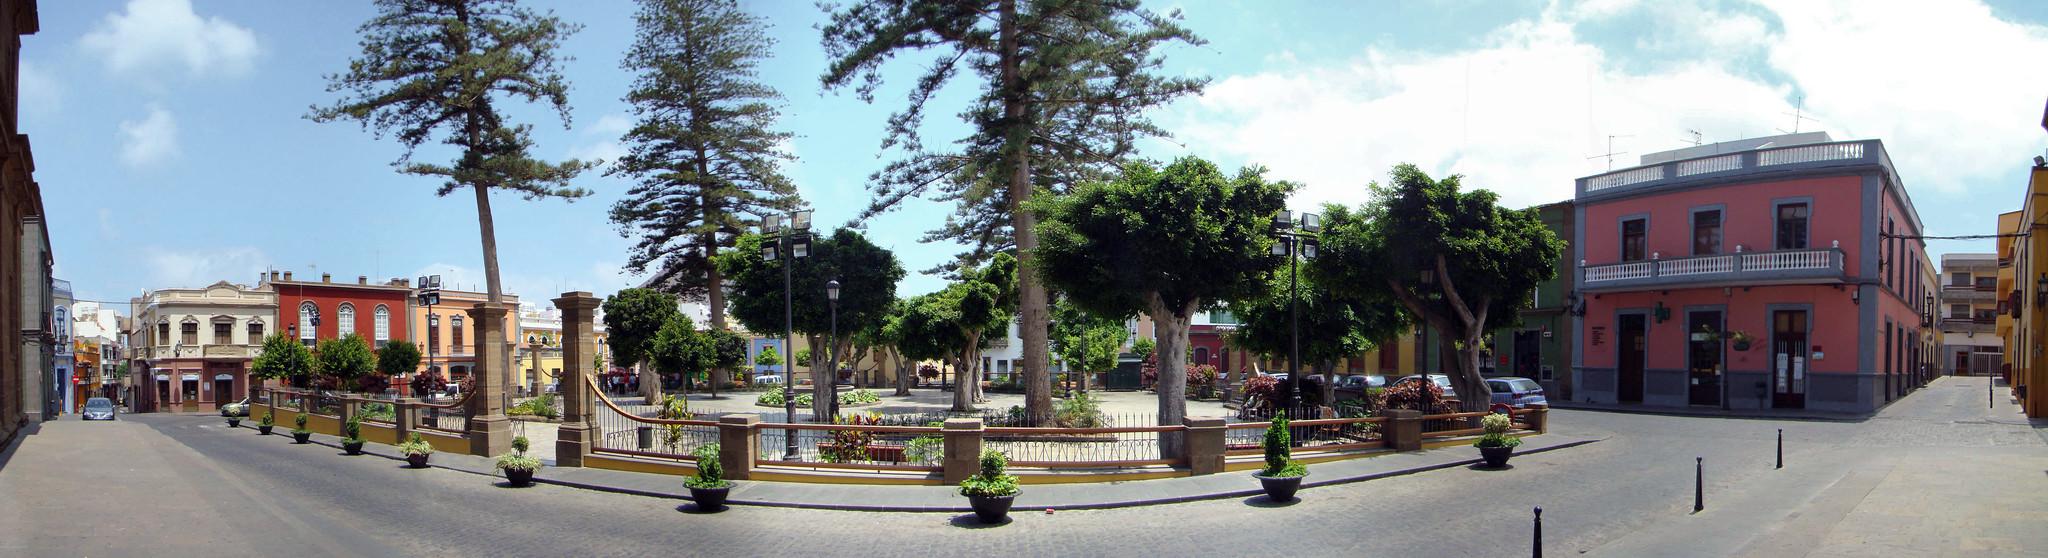 vista de Plaza de Santiago de Gáldar isla de Gran Canaria